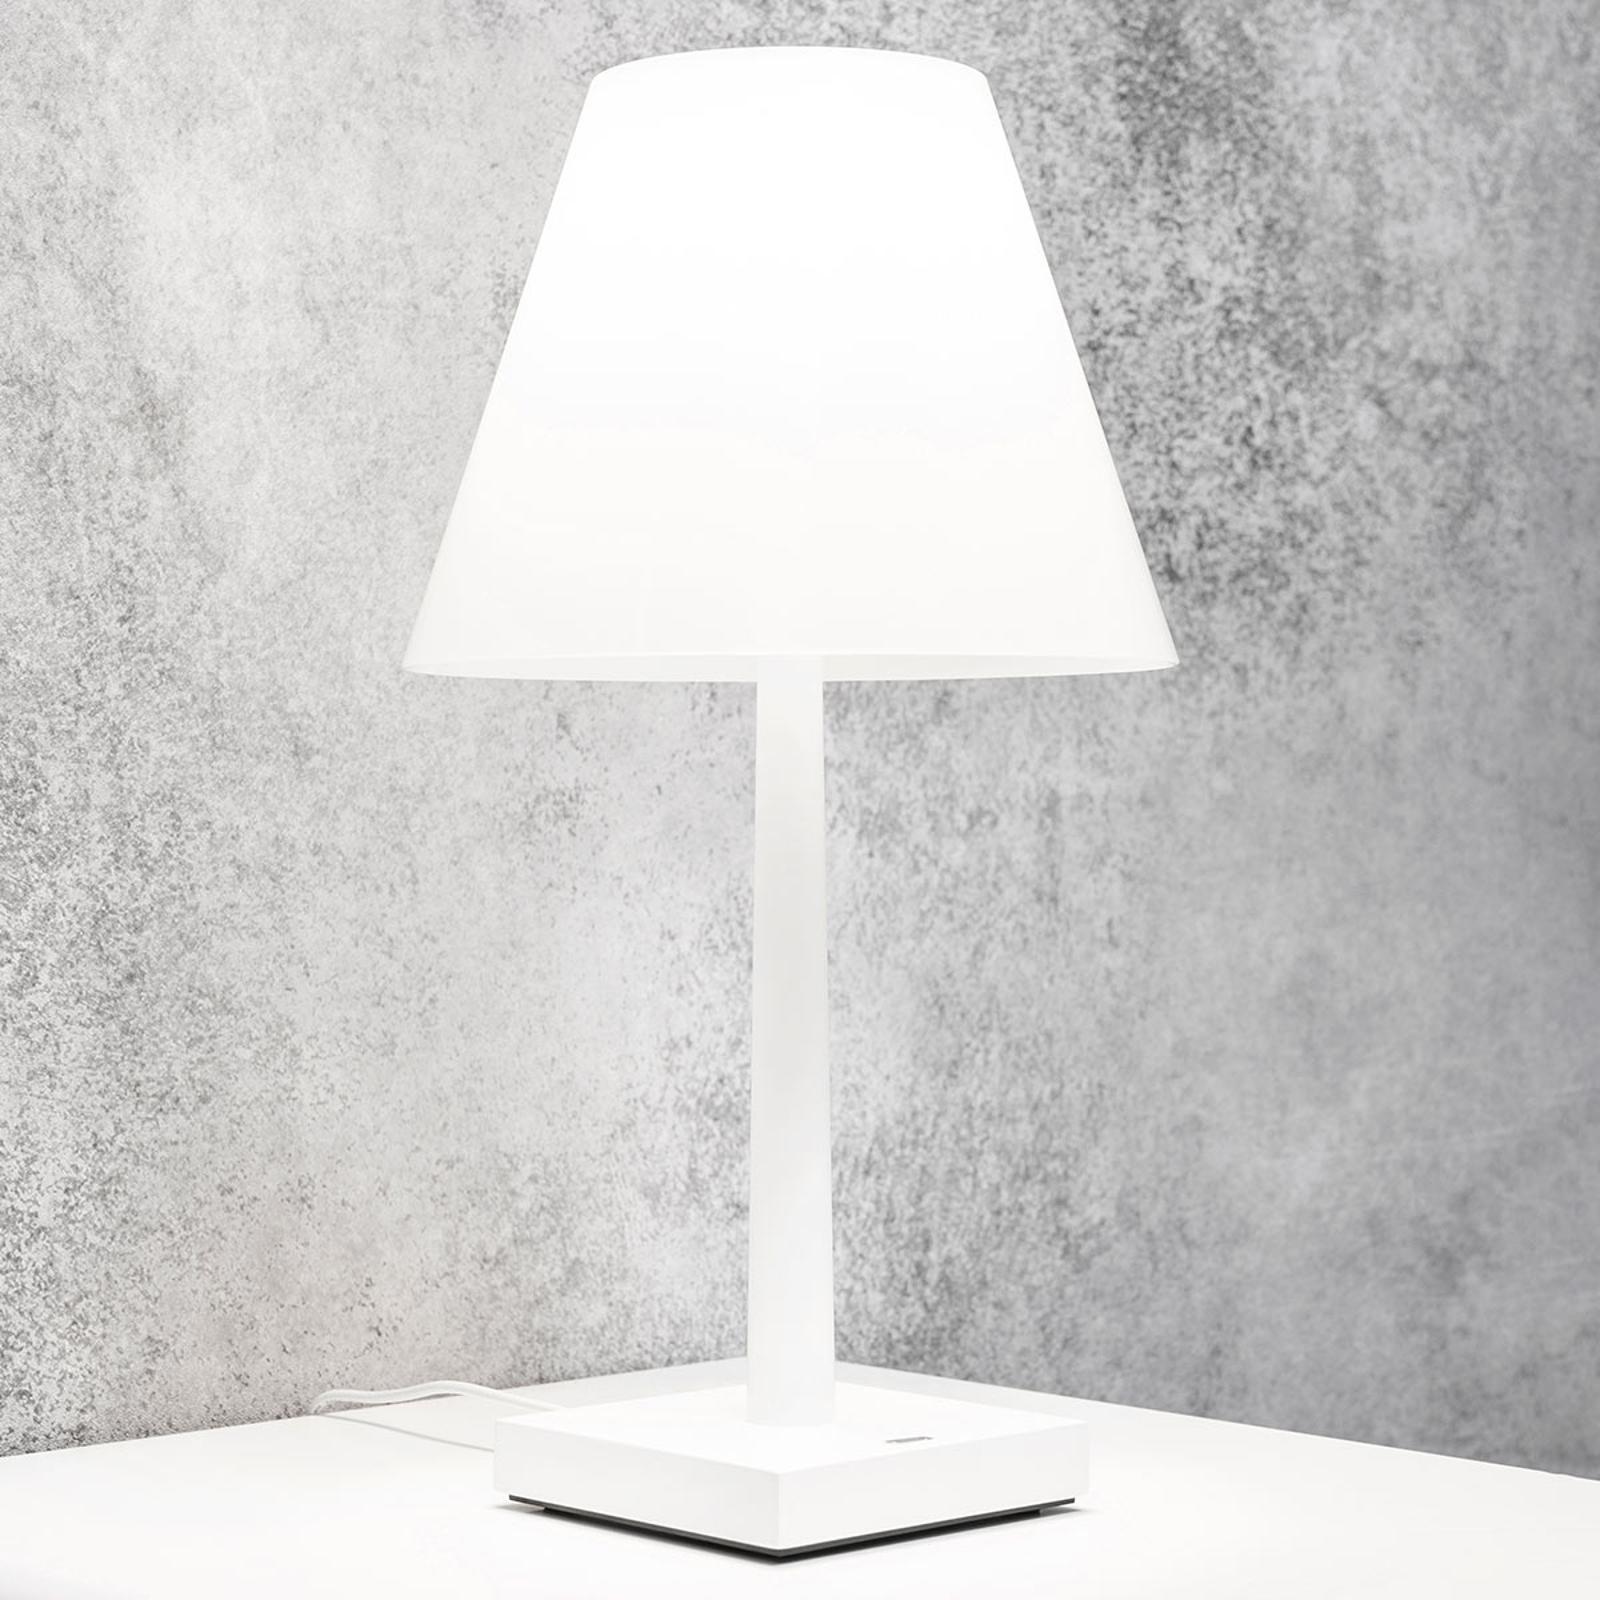 Rotaliana Dina+ LED-Akkutischleuchte weiß/weiß